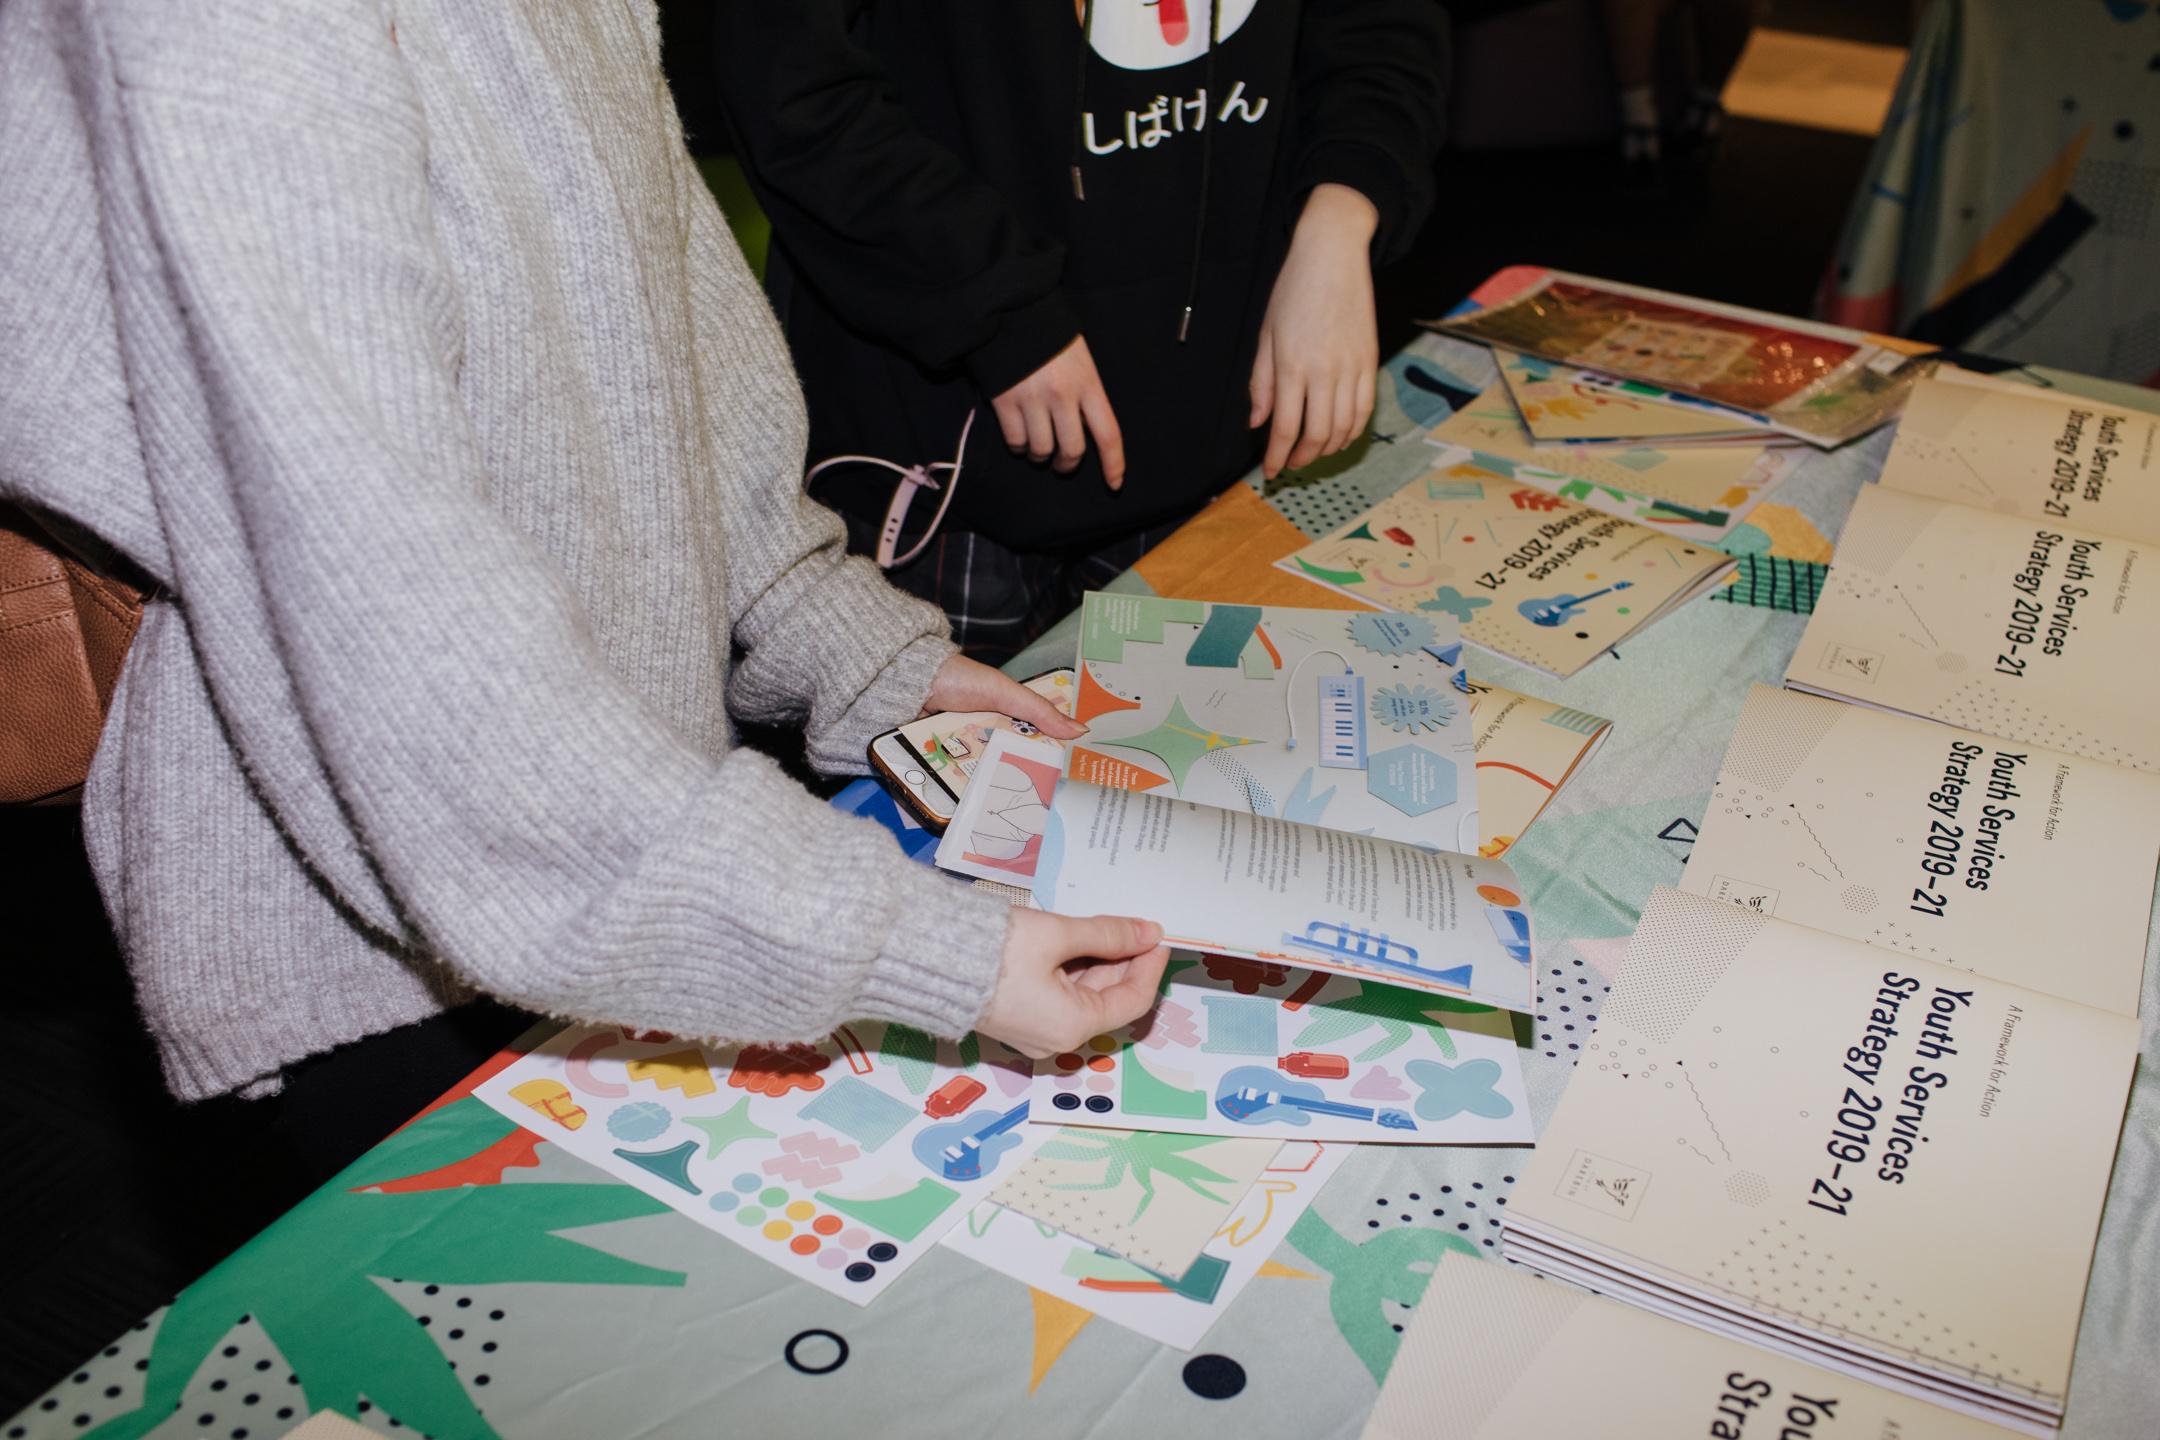 public-journal-darebin-youth-strategy-launch-7